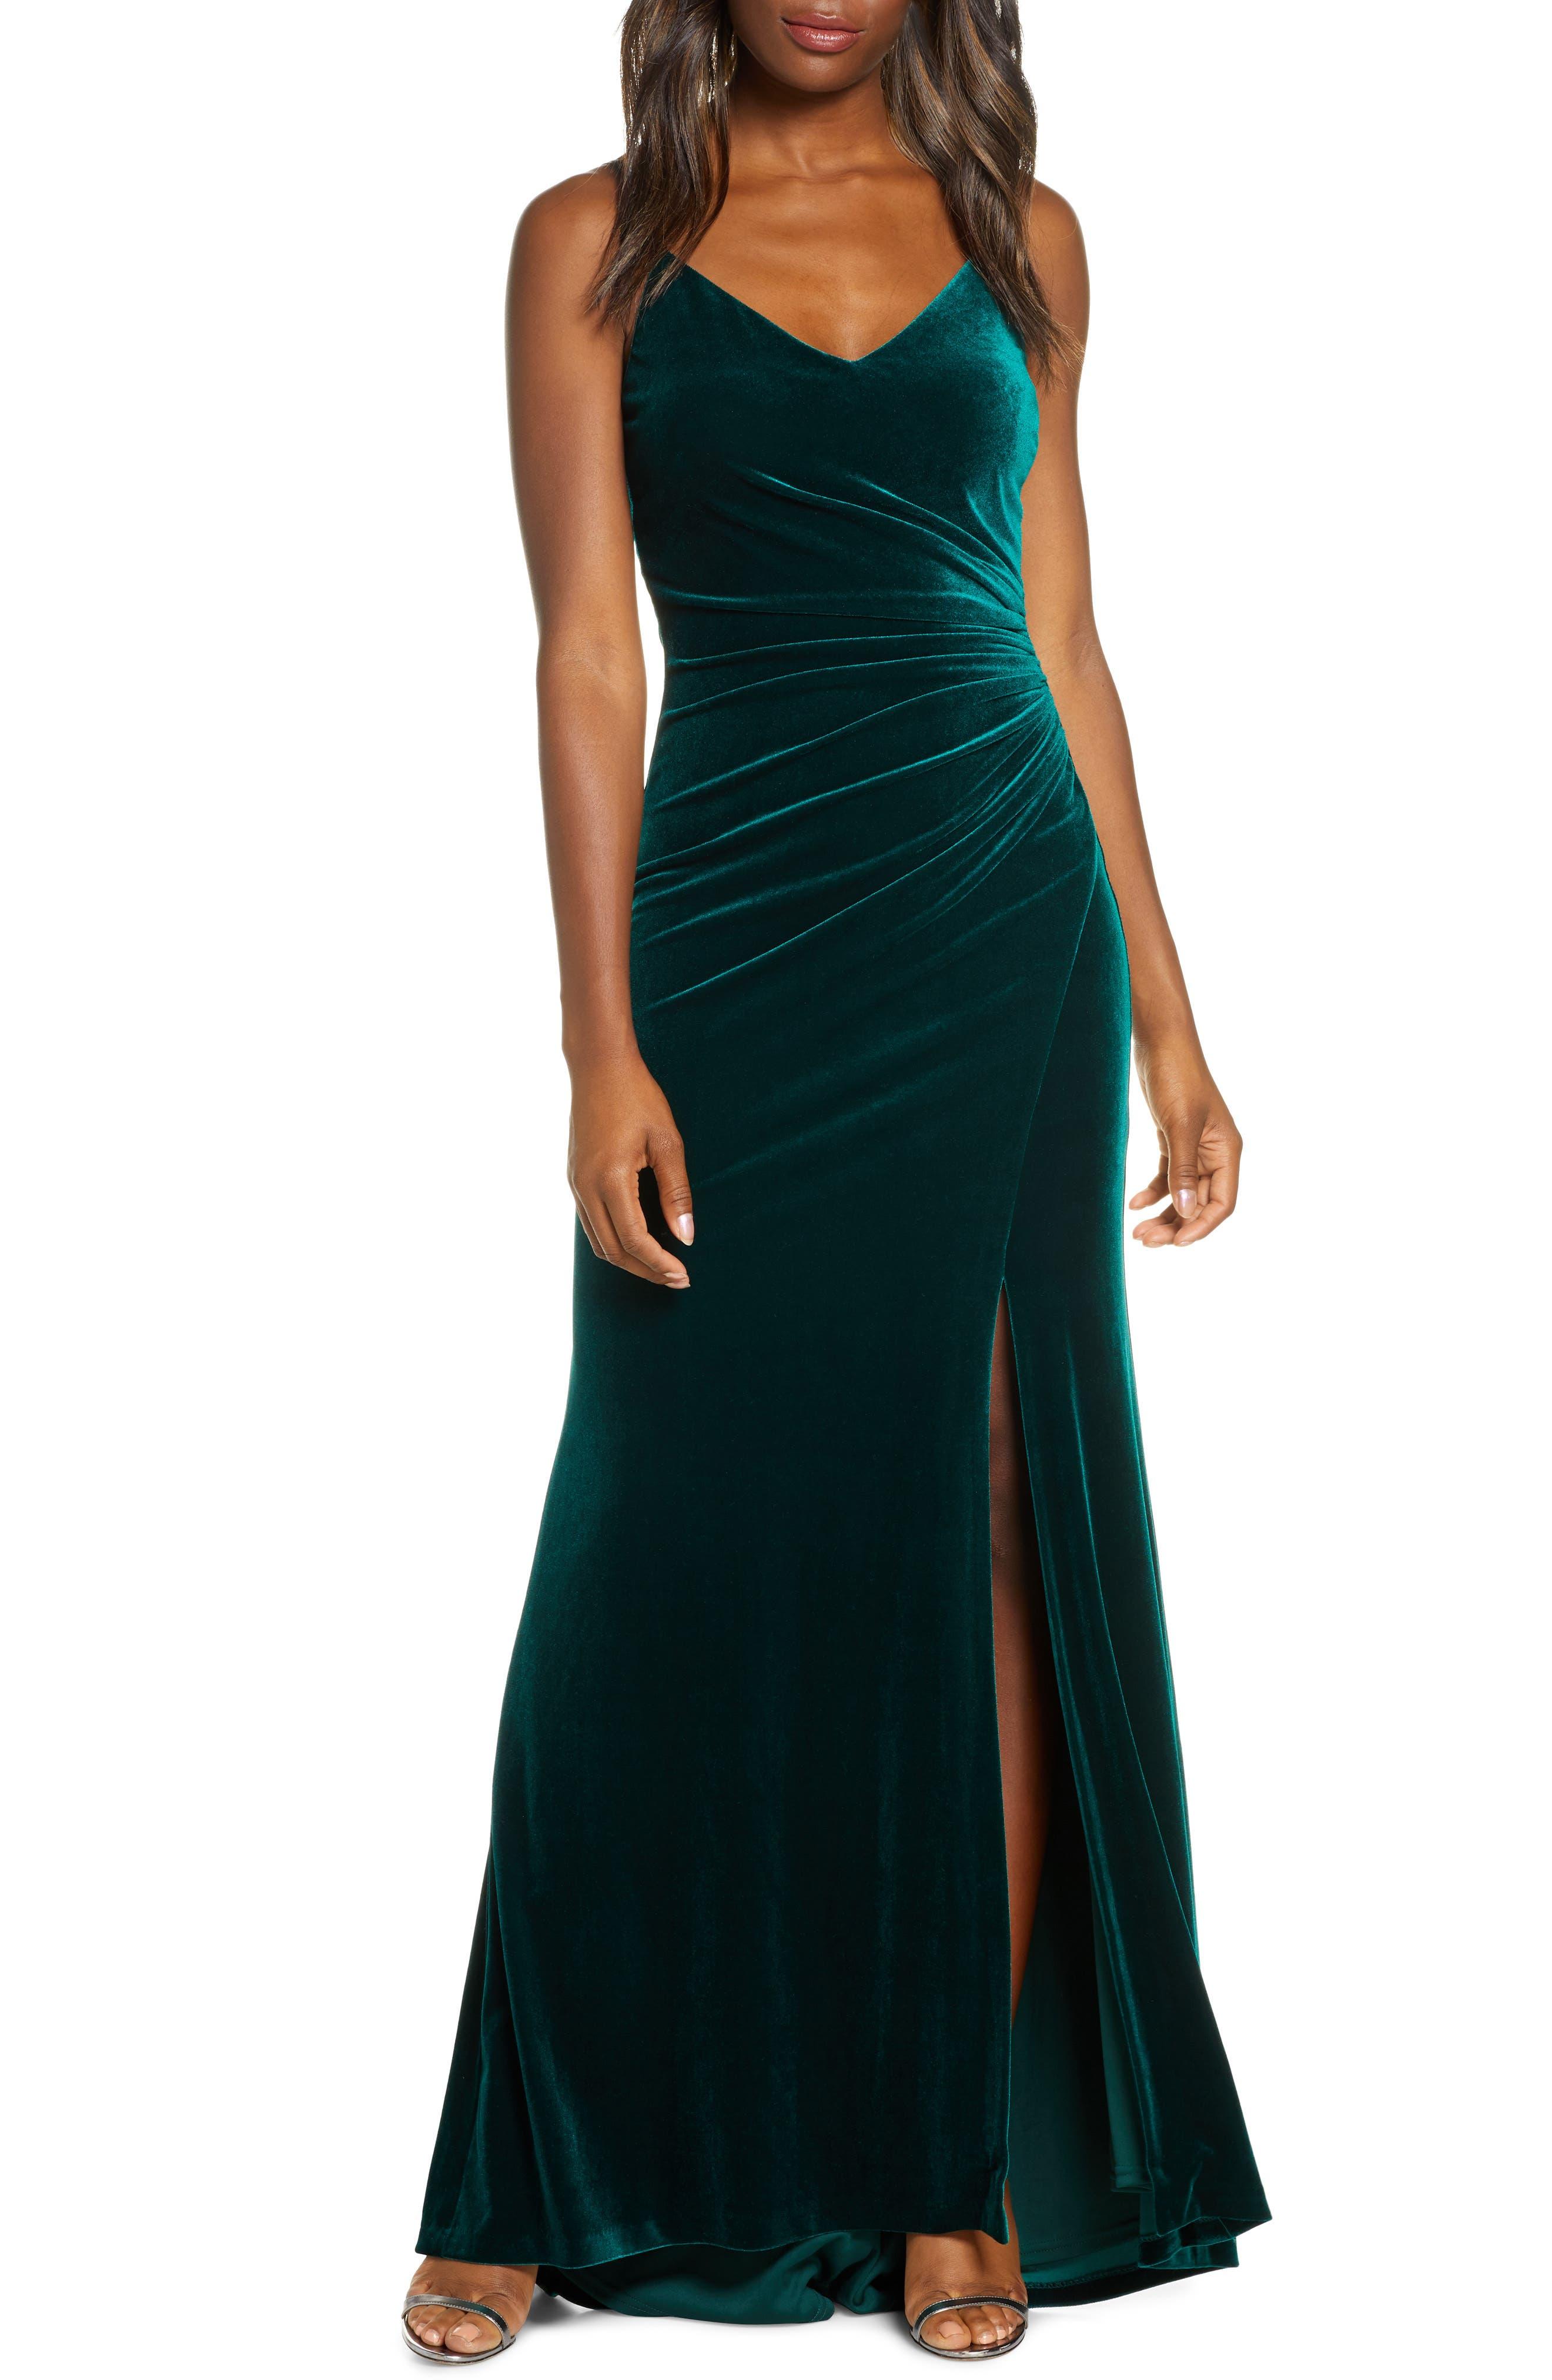 1930s Evening Dresses | Old Hollywood Dress Womens Vince Camuto Ruched Side Slit Velvet Evening Gown Size 8Regular - Green $168.00 AT vintagedancer.com